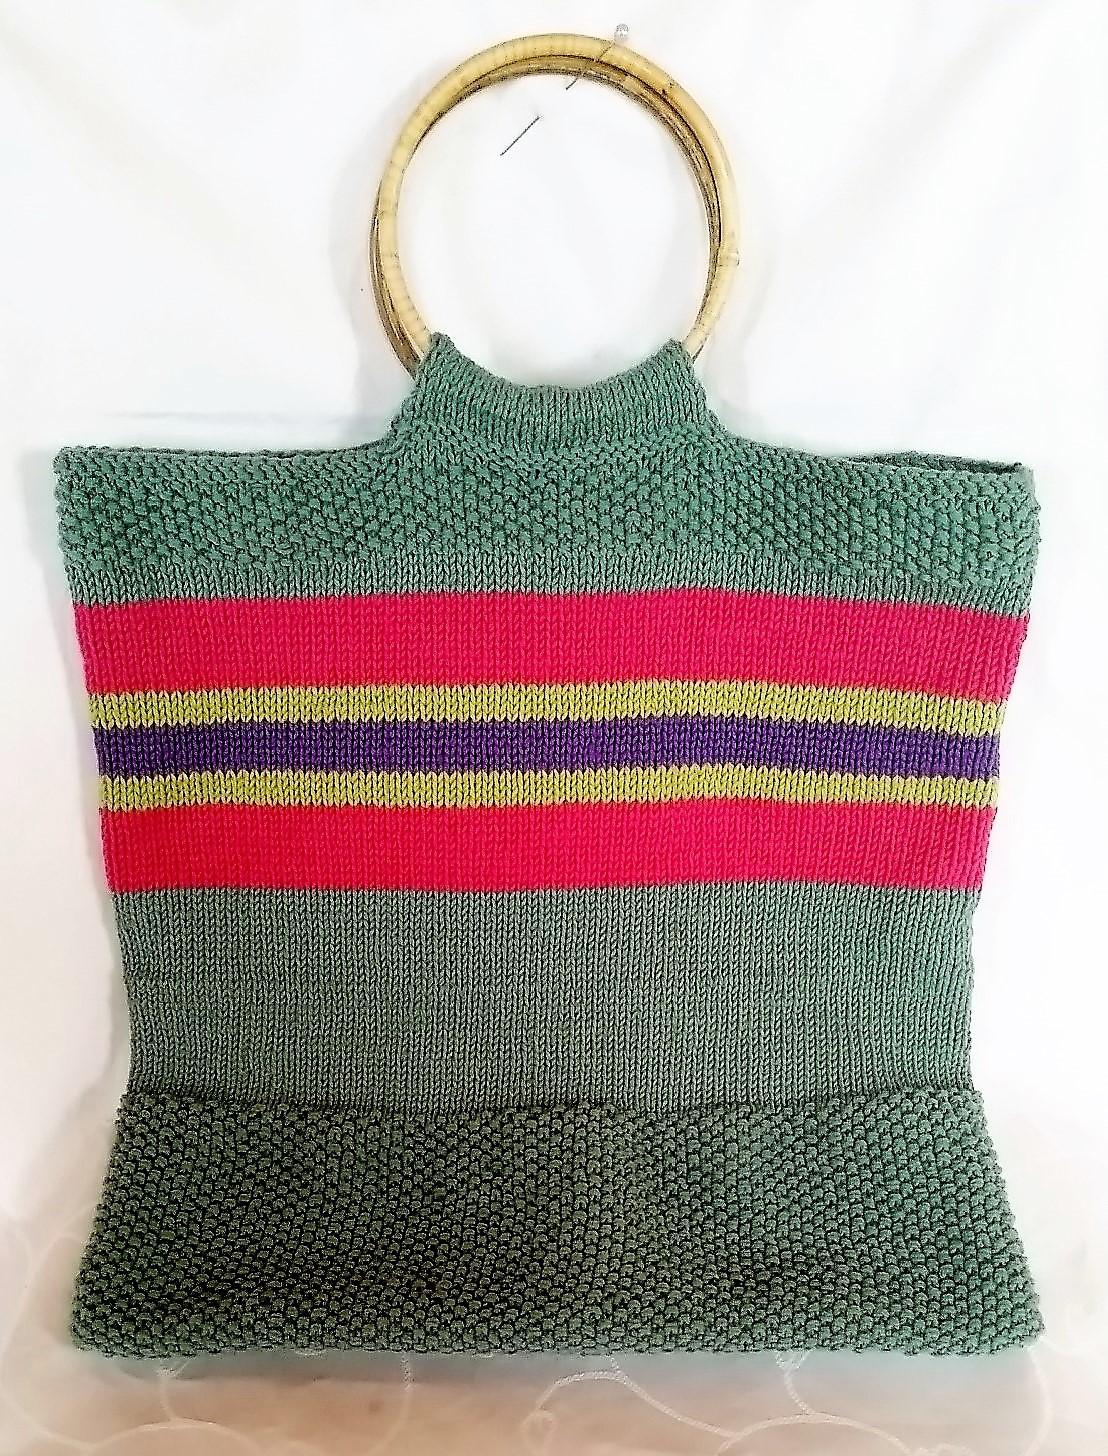 Strikketøjstasken billed af færdig strikket strikketøjstas